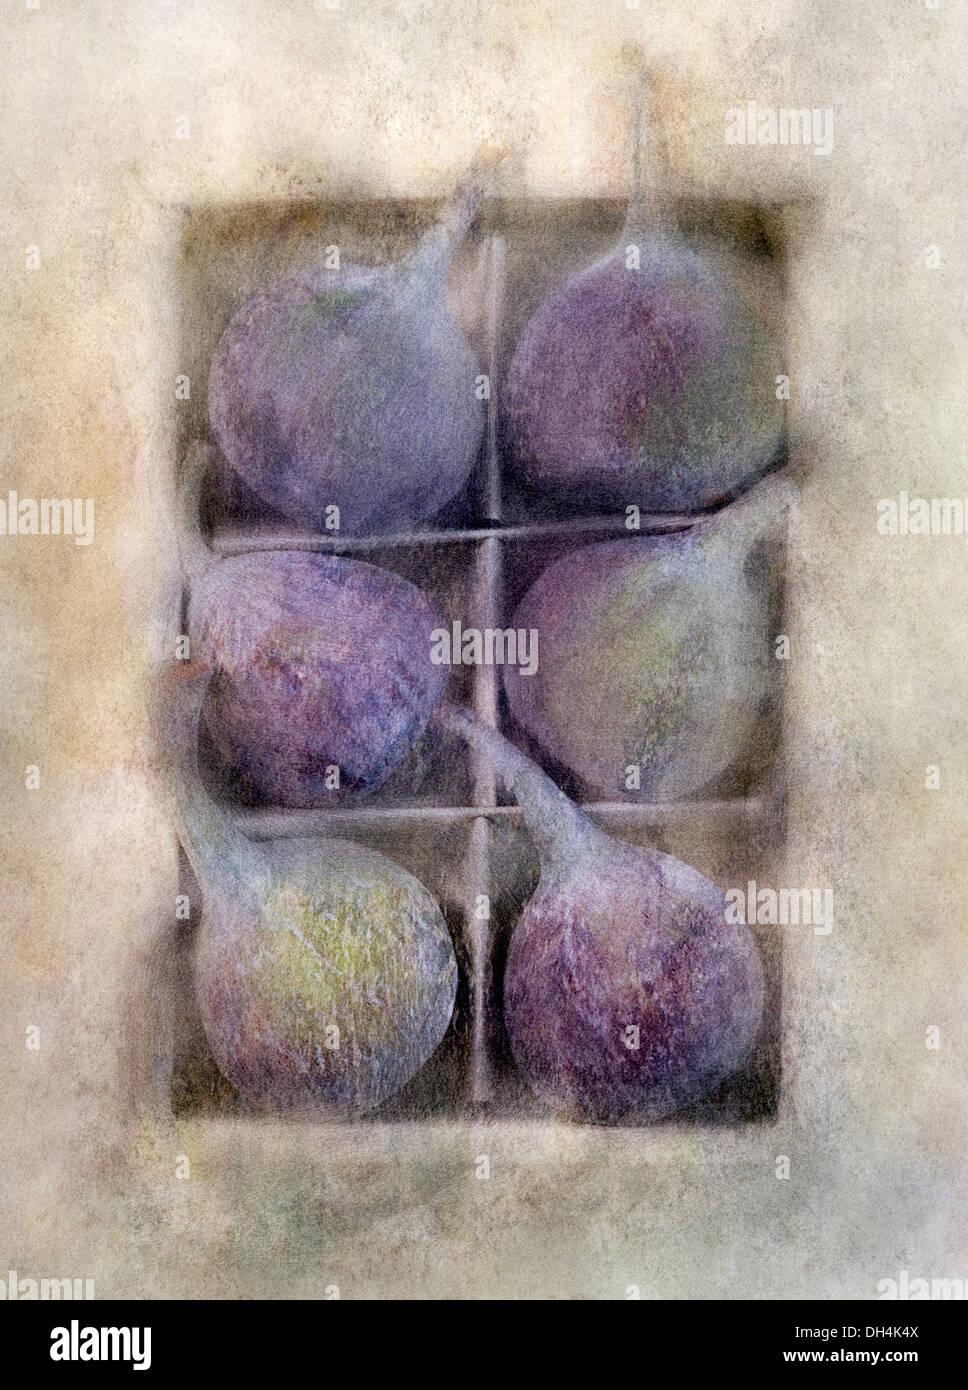 Fig Ficus carica. Imagen de verificación manipuladas digitalmente de seis higos contra ablandado muted background crear efecto de ilustración. Imagen De Stock